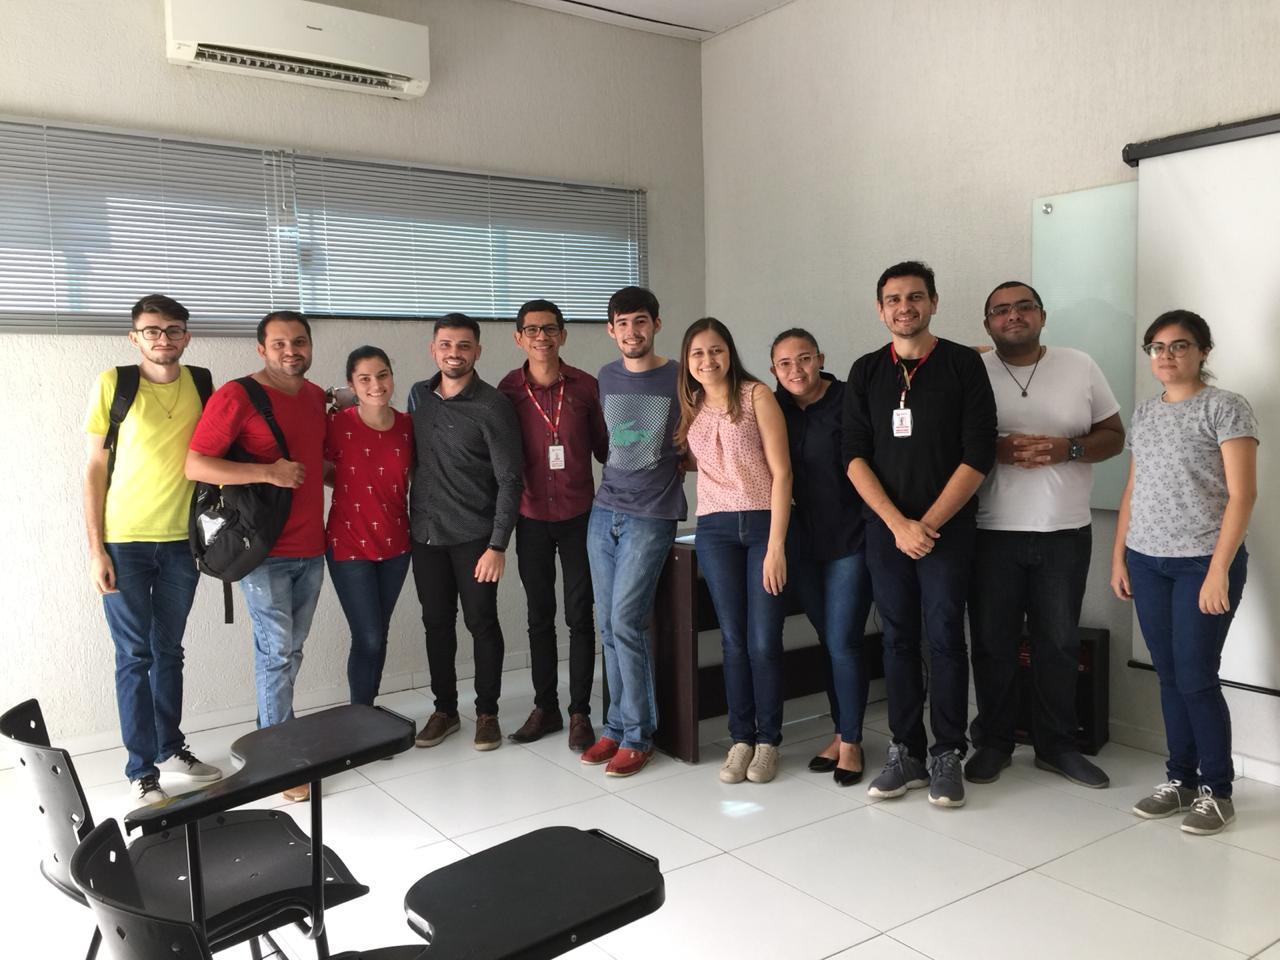 Reunião dos alunos do Mestrado em Biotecnologia no dia 22-03-2019